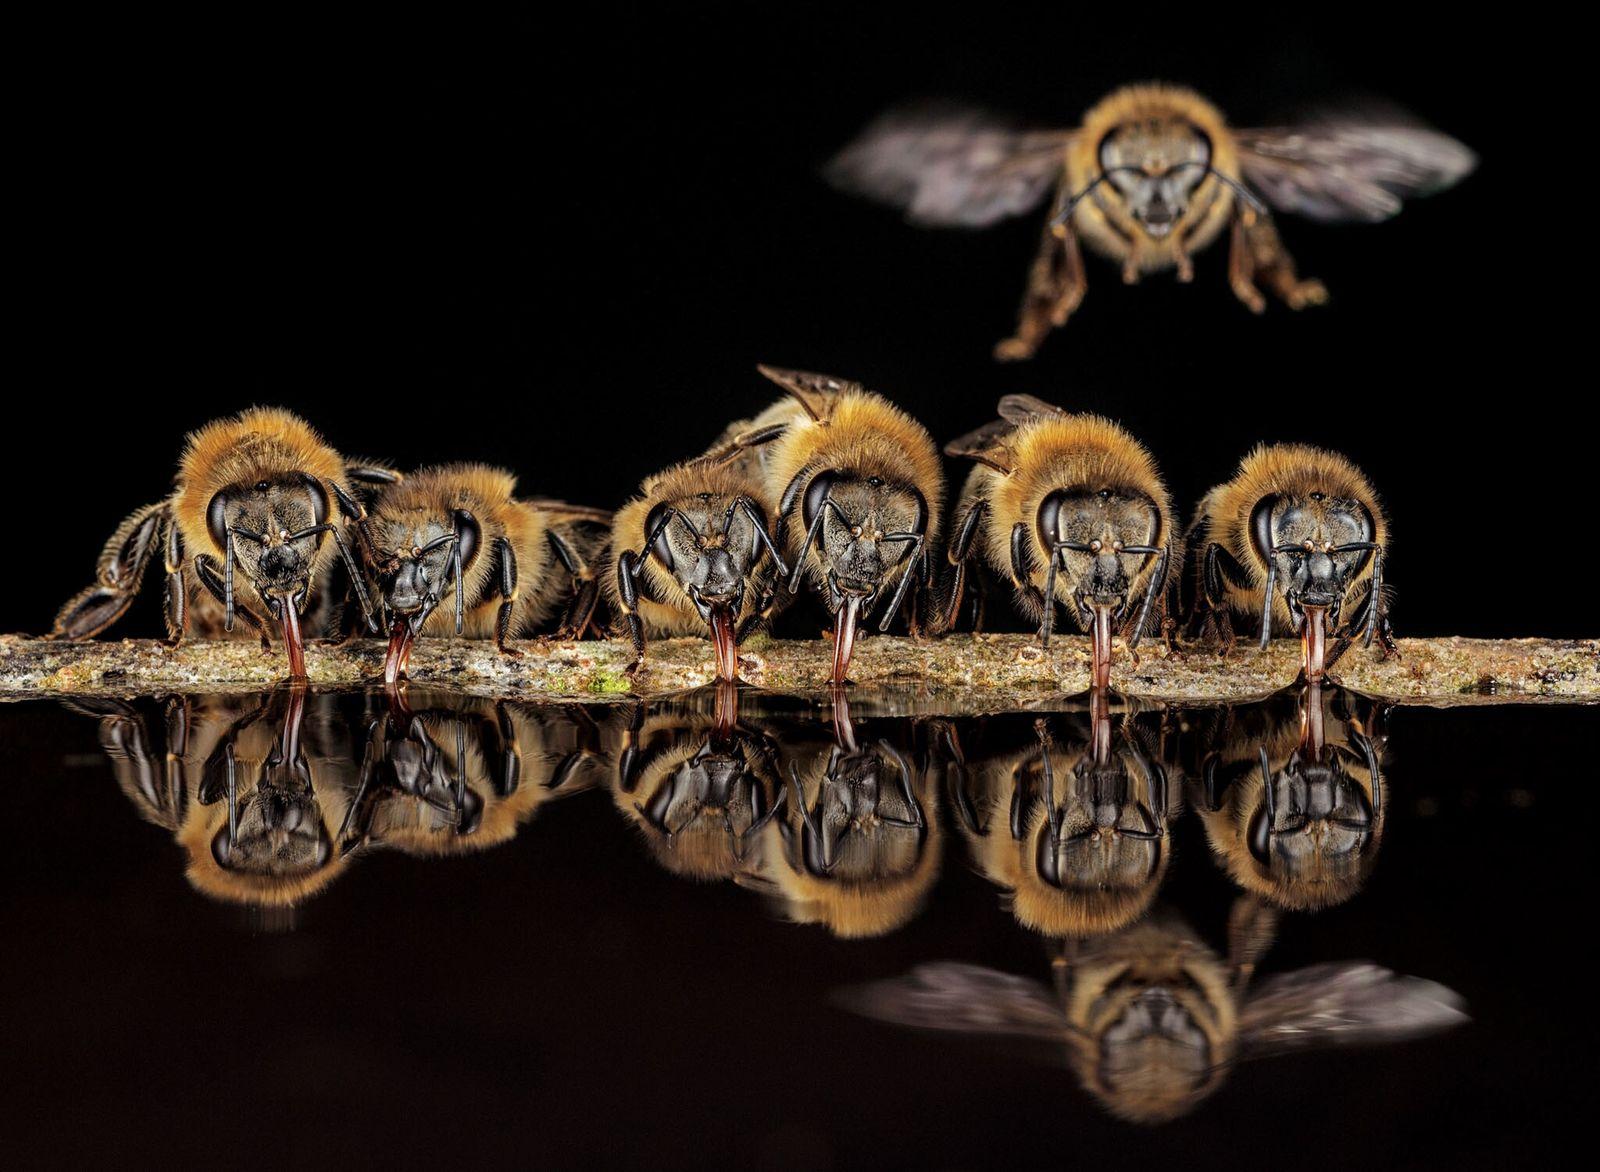 Fotografía de abejas europeas sorbiendo agua